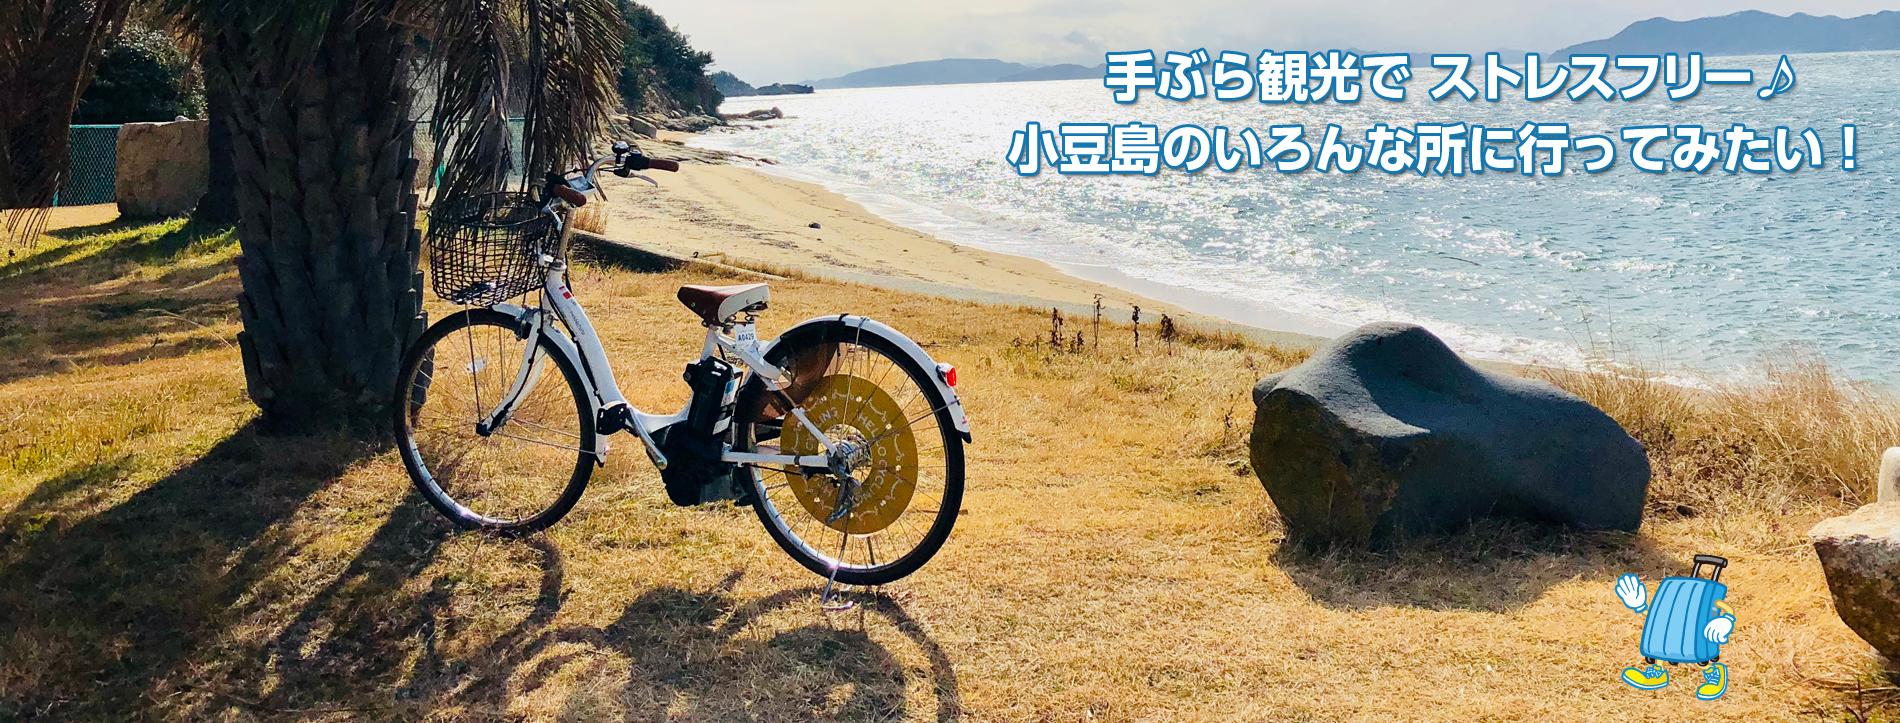 小豆島手ぶら観光